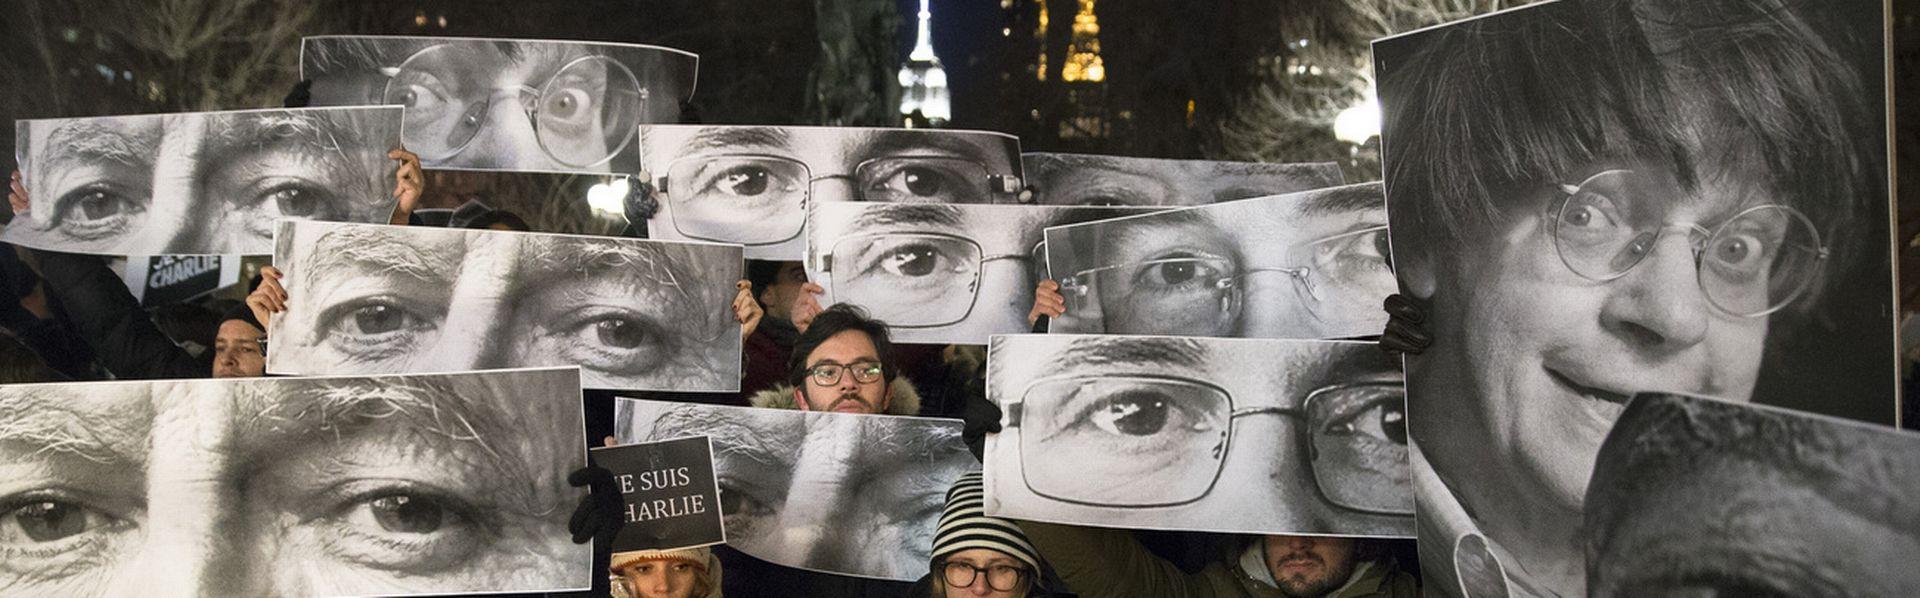 Le 7 janvier 2015, deux terroristes ont ouvert le feu dans la rédaction de Charlie Hebdo, faisant 11 victimes dans la rédaction du journal satirique. [John Minchillo - Keystone]